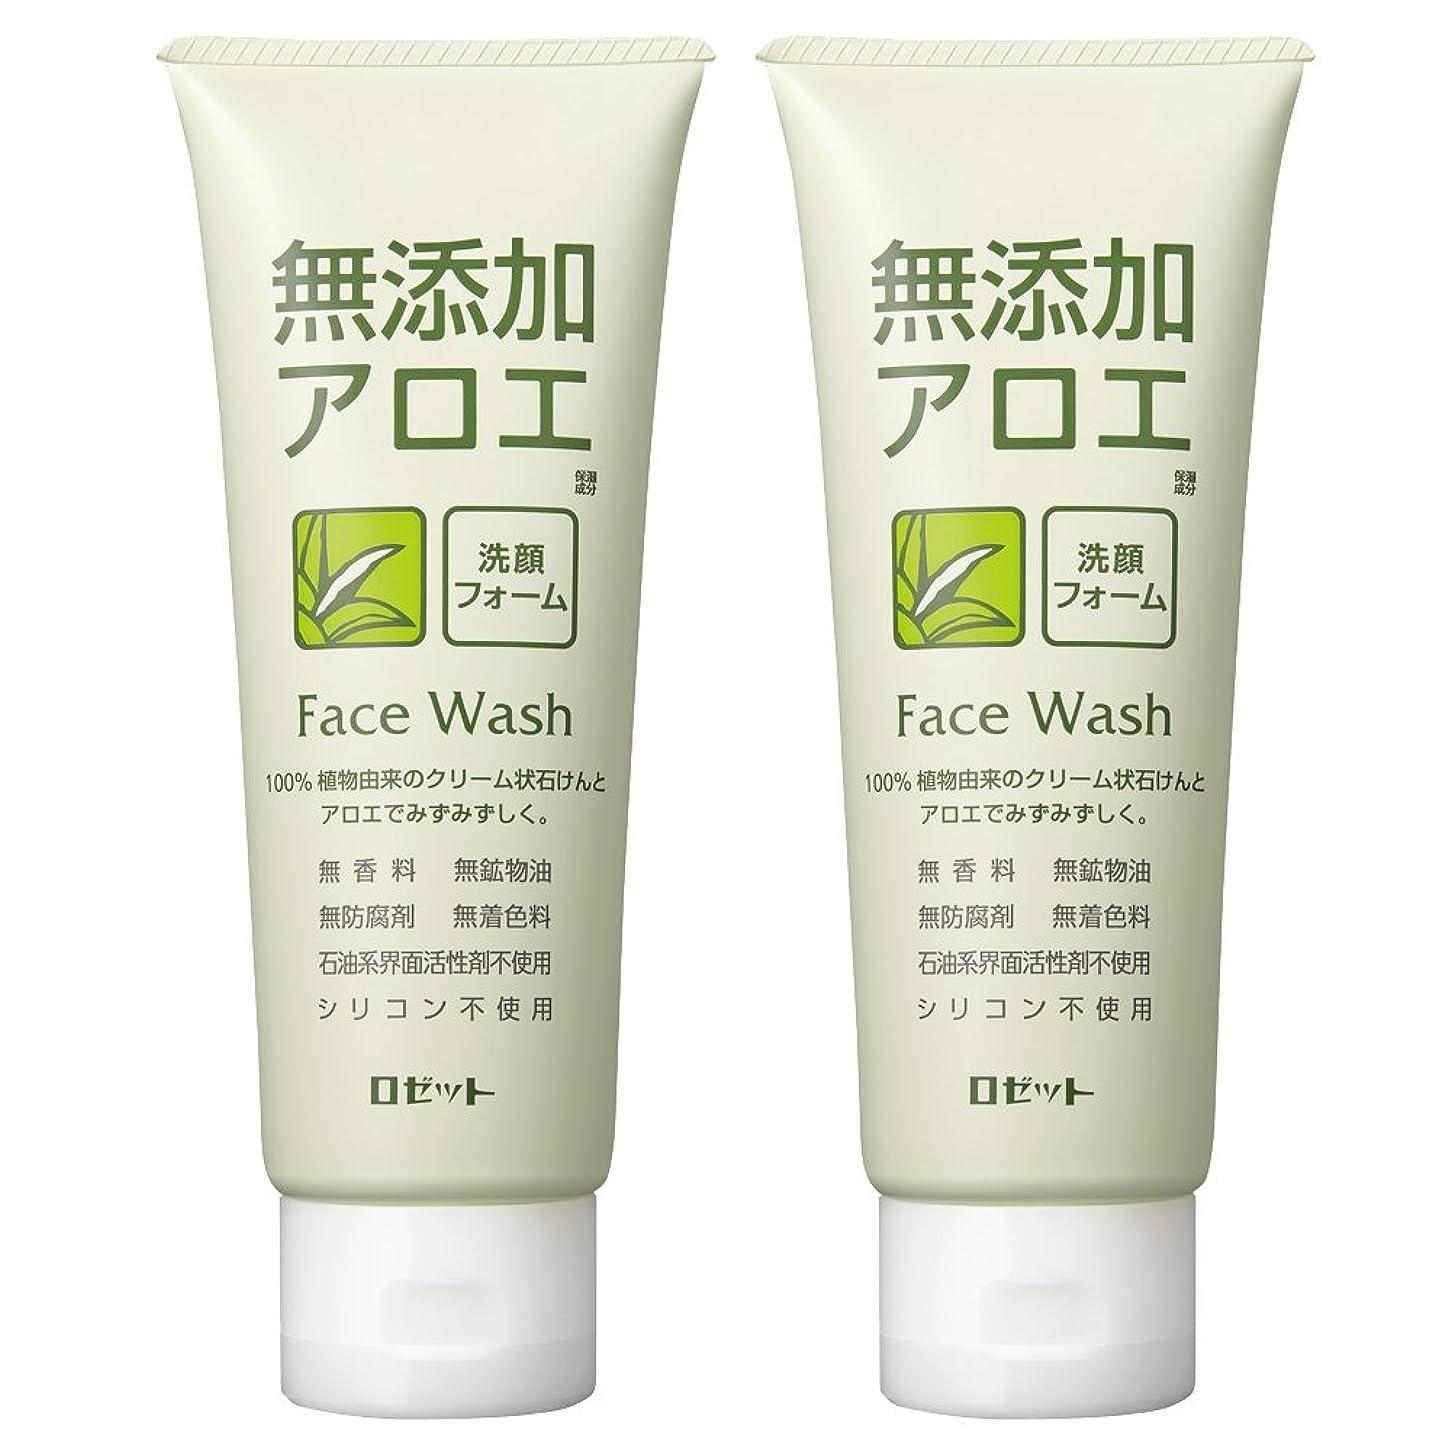 省側面飽和するロゼット 無添加アロエ 洗顔フォーム 140g×2個パック AZ